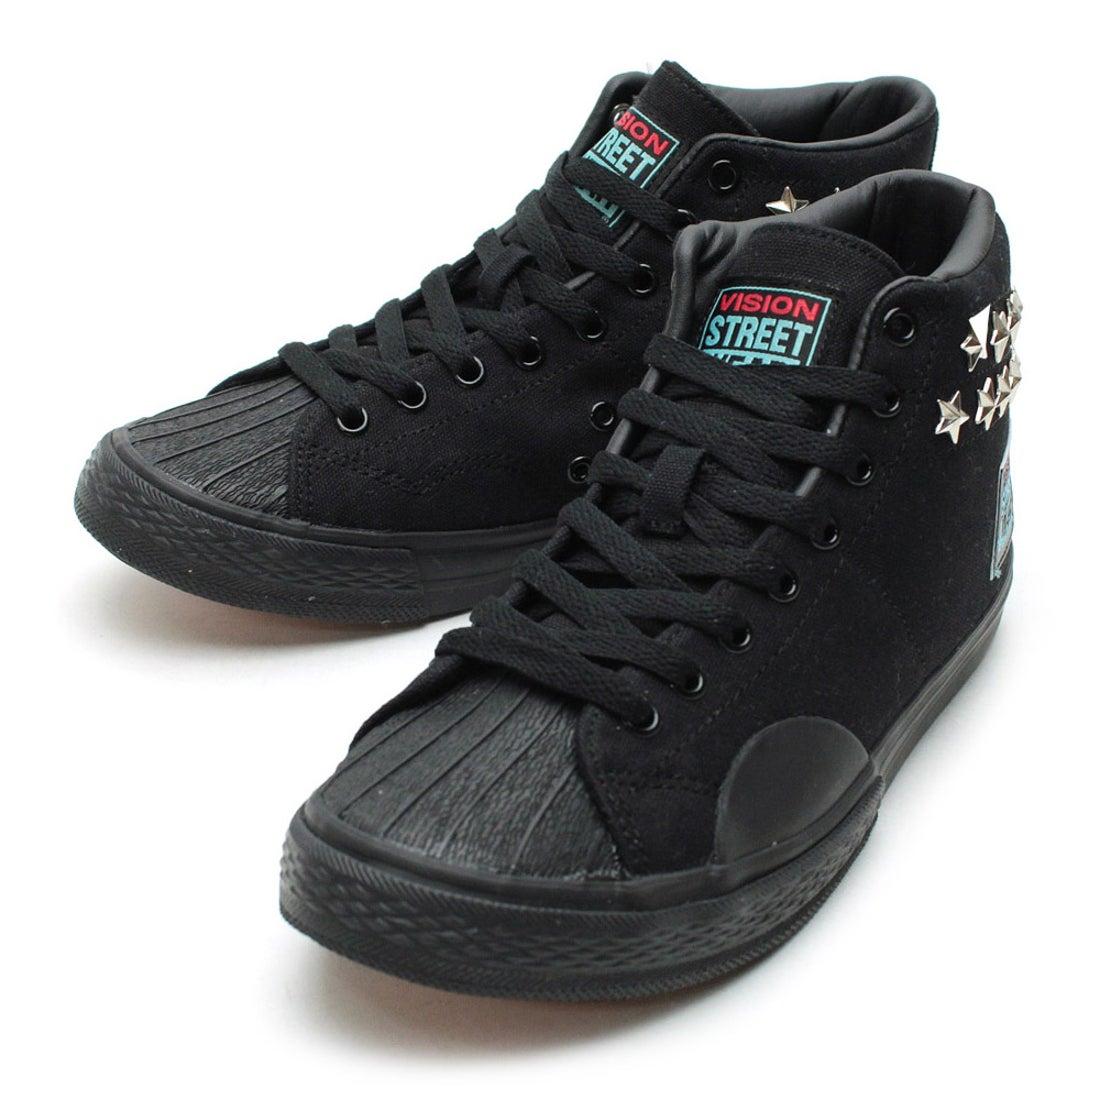 ビジョン ストリート ウェア VISION STREET WEAR CANVAS HI HRJK / HARAJUKU  CHAPTER(BLACK/STAR) ,靴とファッションの通販サイト ロコンド